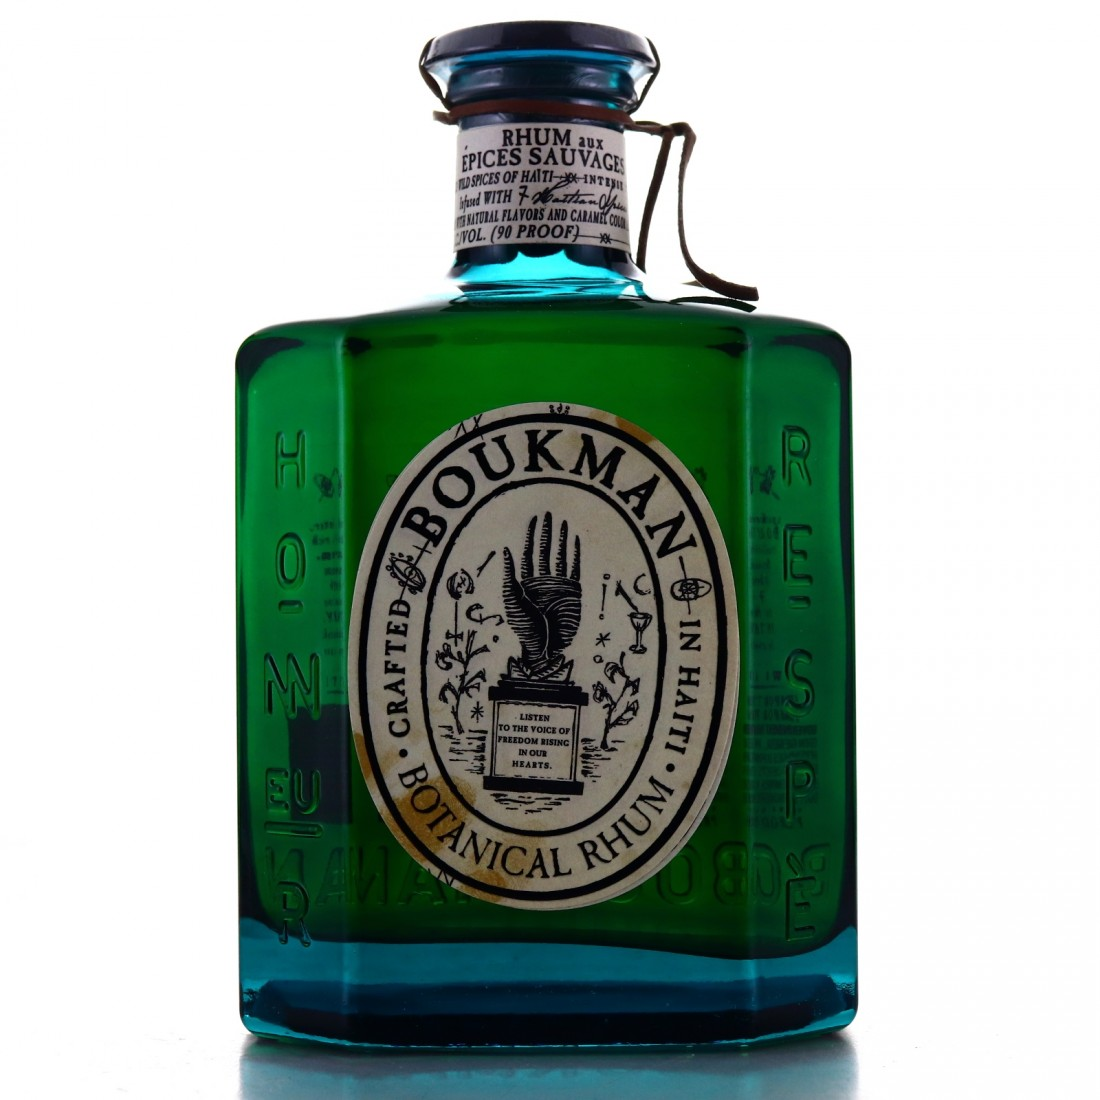 Boukman Haiti Botanical Spiced Rum